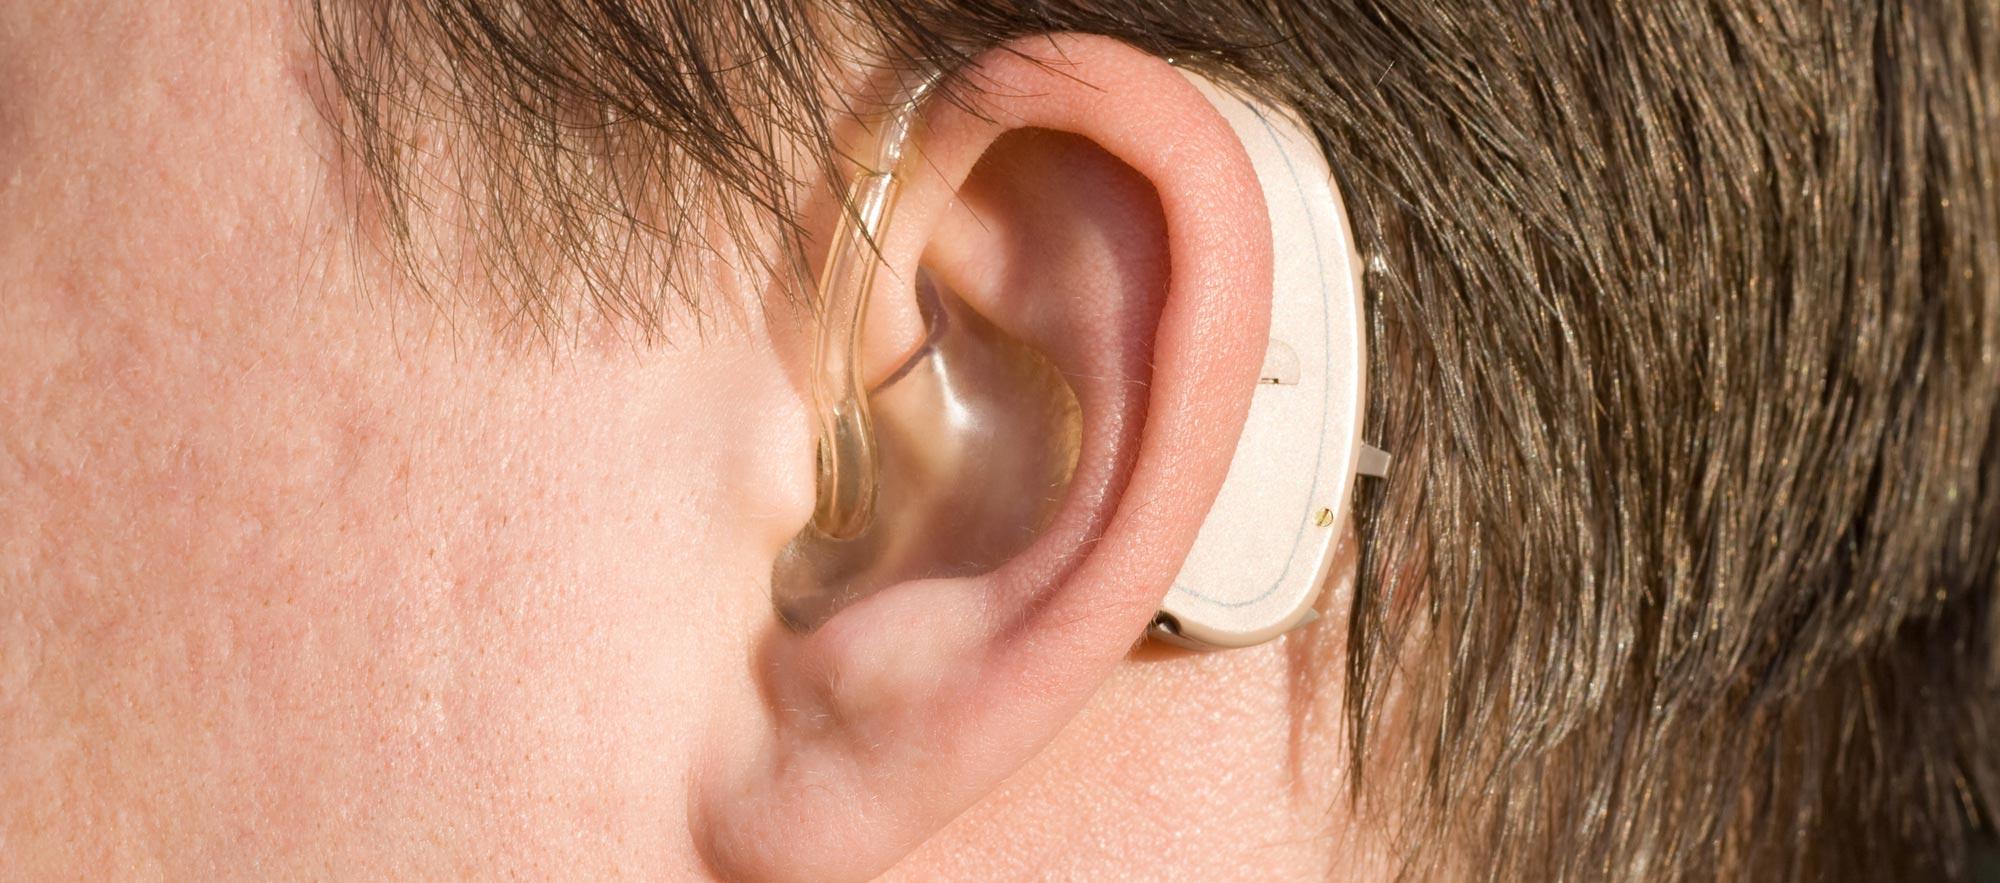 aparelho-auditivo-pecas